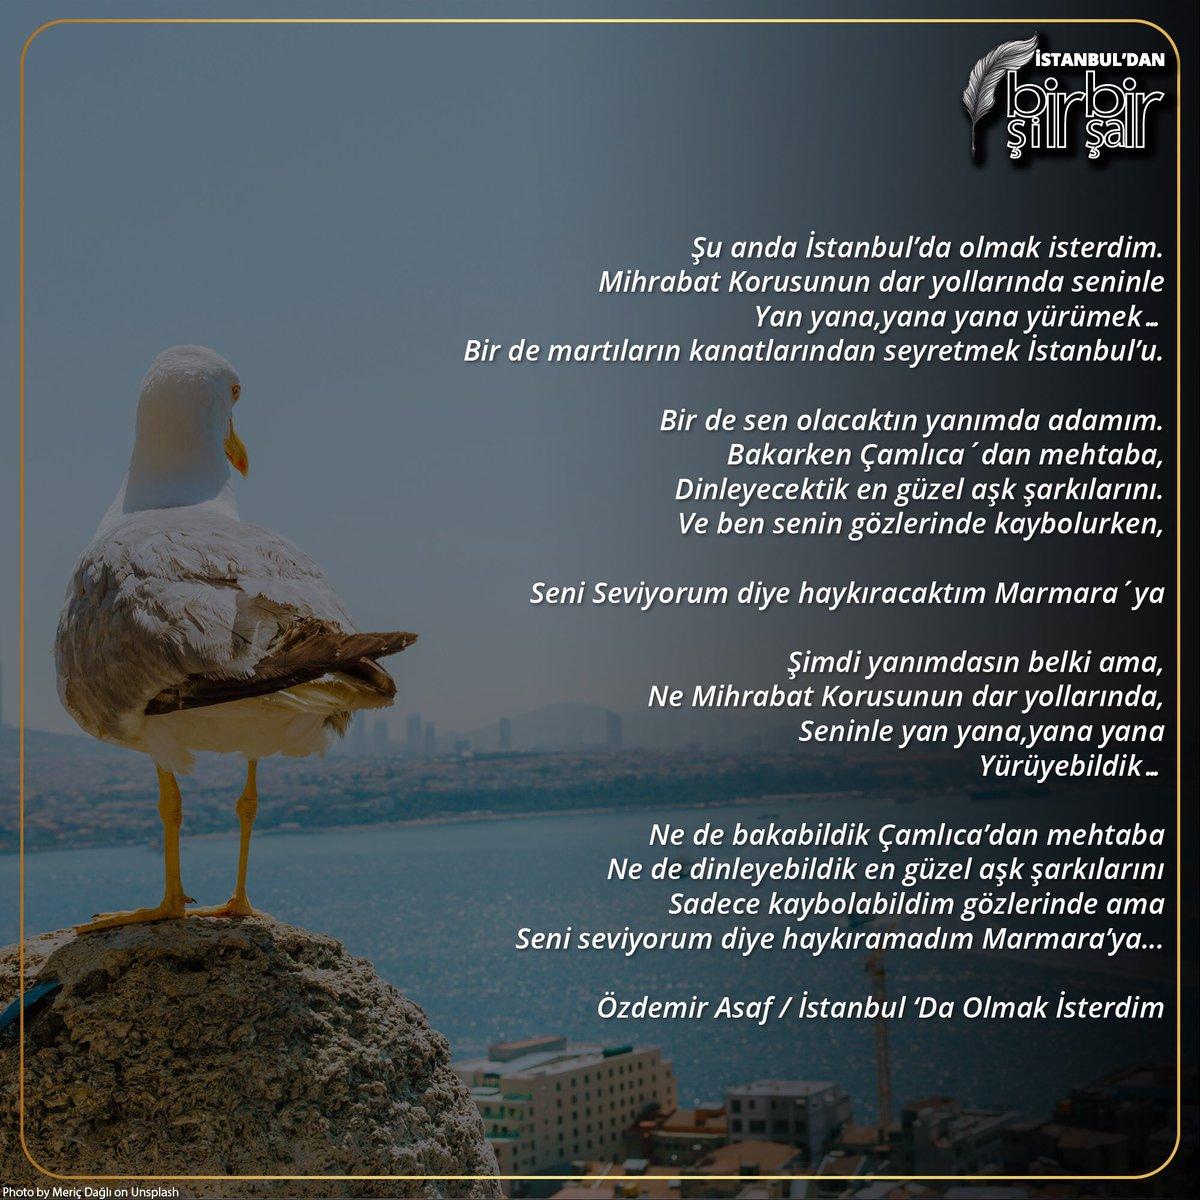 Iett On Twitter Istanbuldan Bir şiir Bir şair